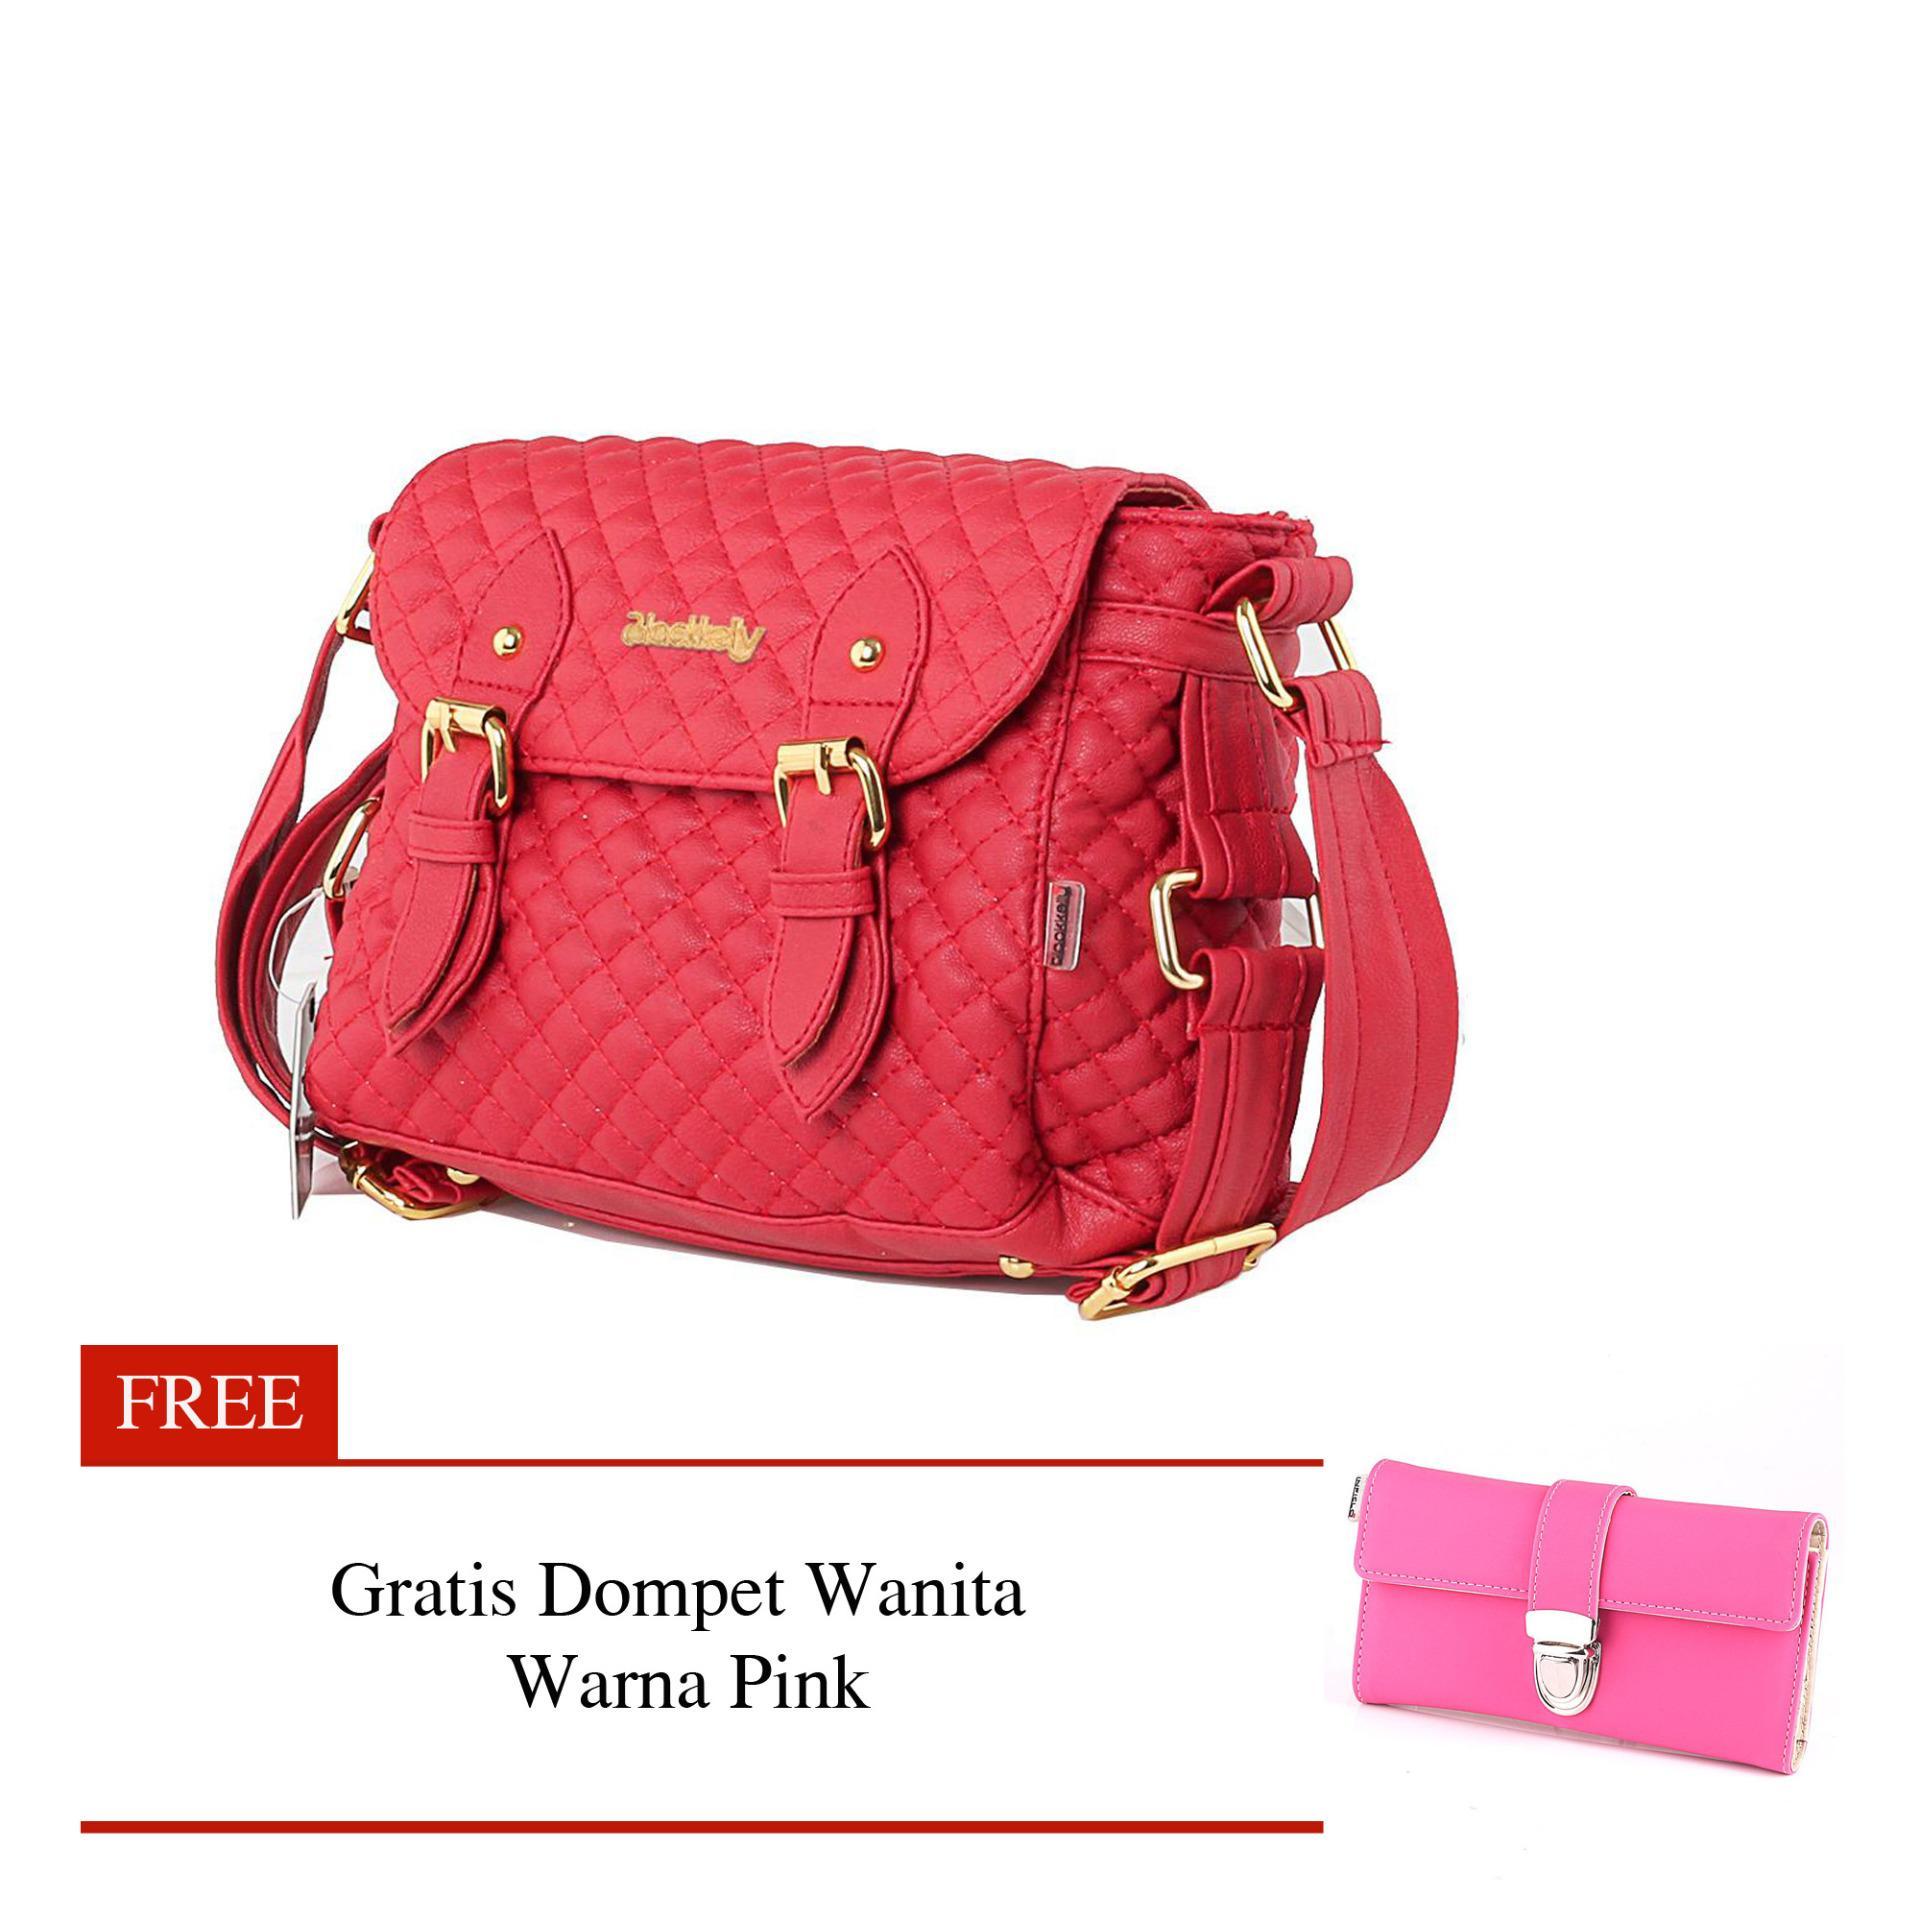 Toko Woman Bag Tas Wanita Warna Merah Blackkely Lpo 425 Dekat Sini